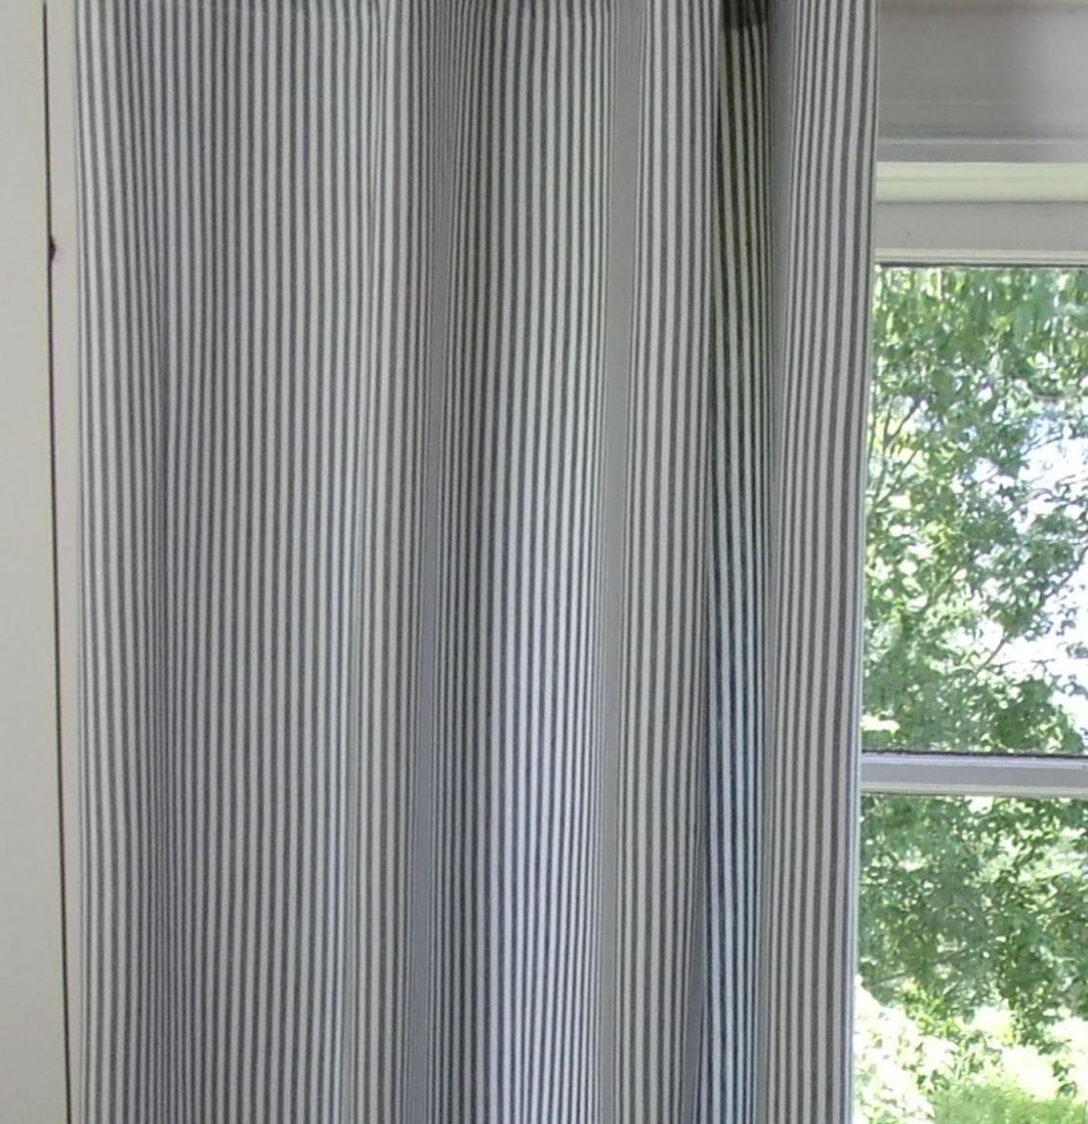 Large Size of Vorhänge Vorhang Pamela Grau Gestreift 2 120x250 Cm Fr Stange Schiene Küche Schlafzimmer Wohnzimmer Wohnzimmer Vorhänge